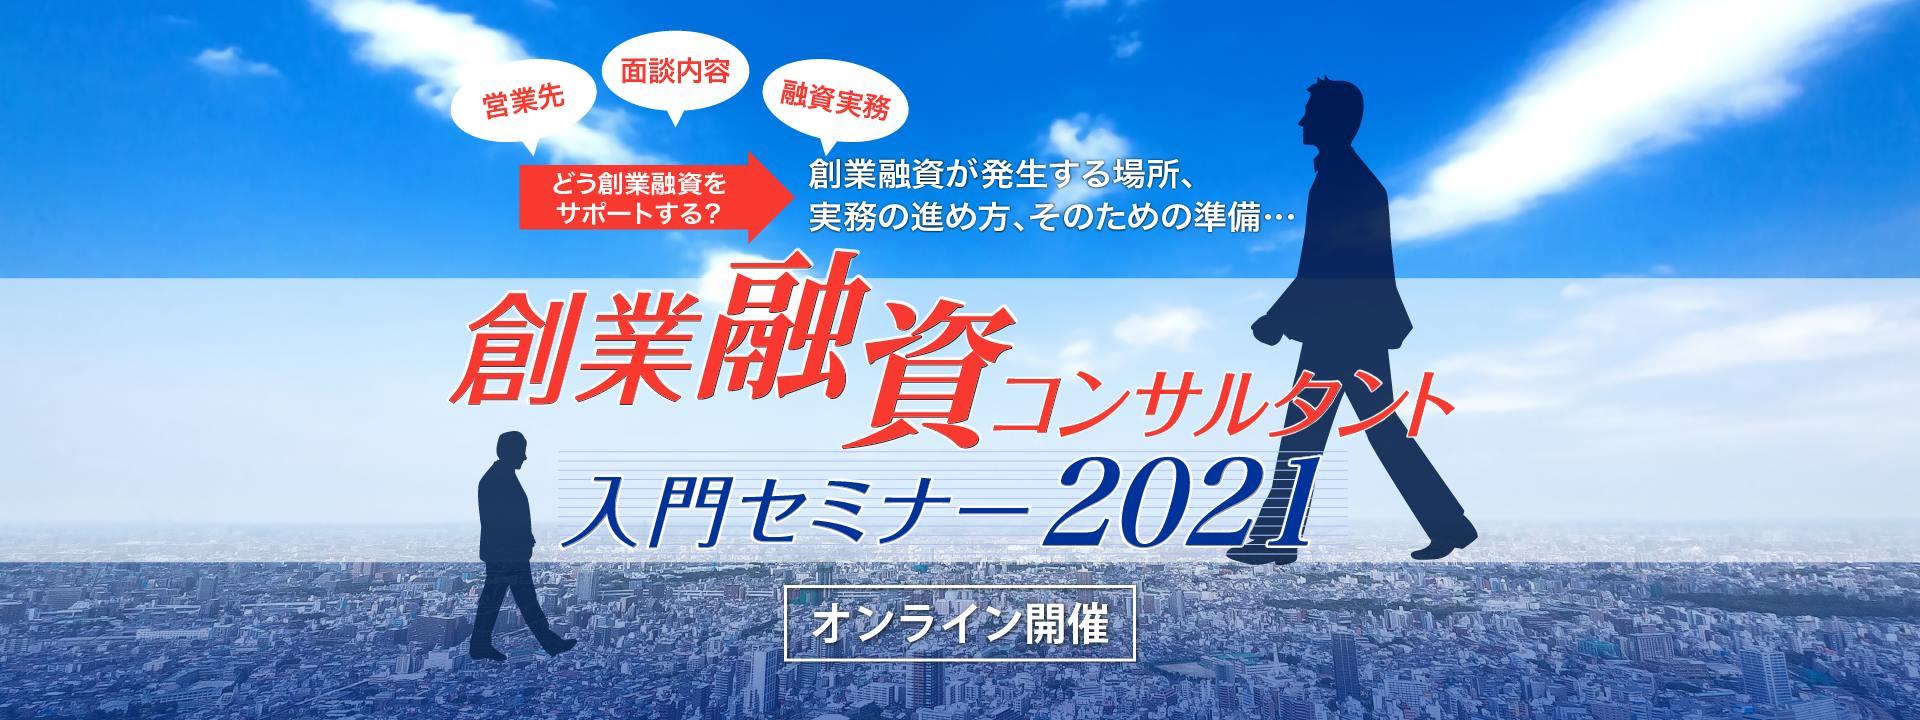 創業融資コンサルタント入門セミナー2021|株式会社ネクストフェイズ